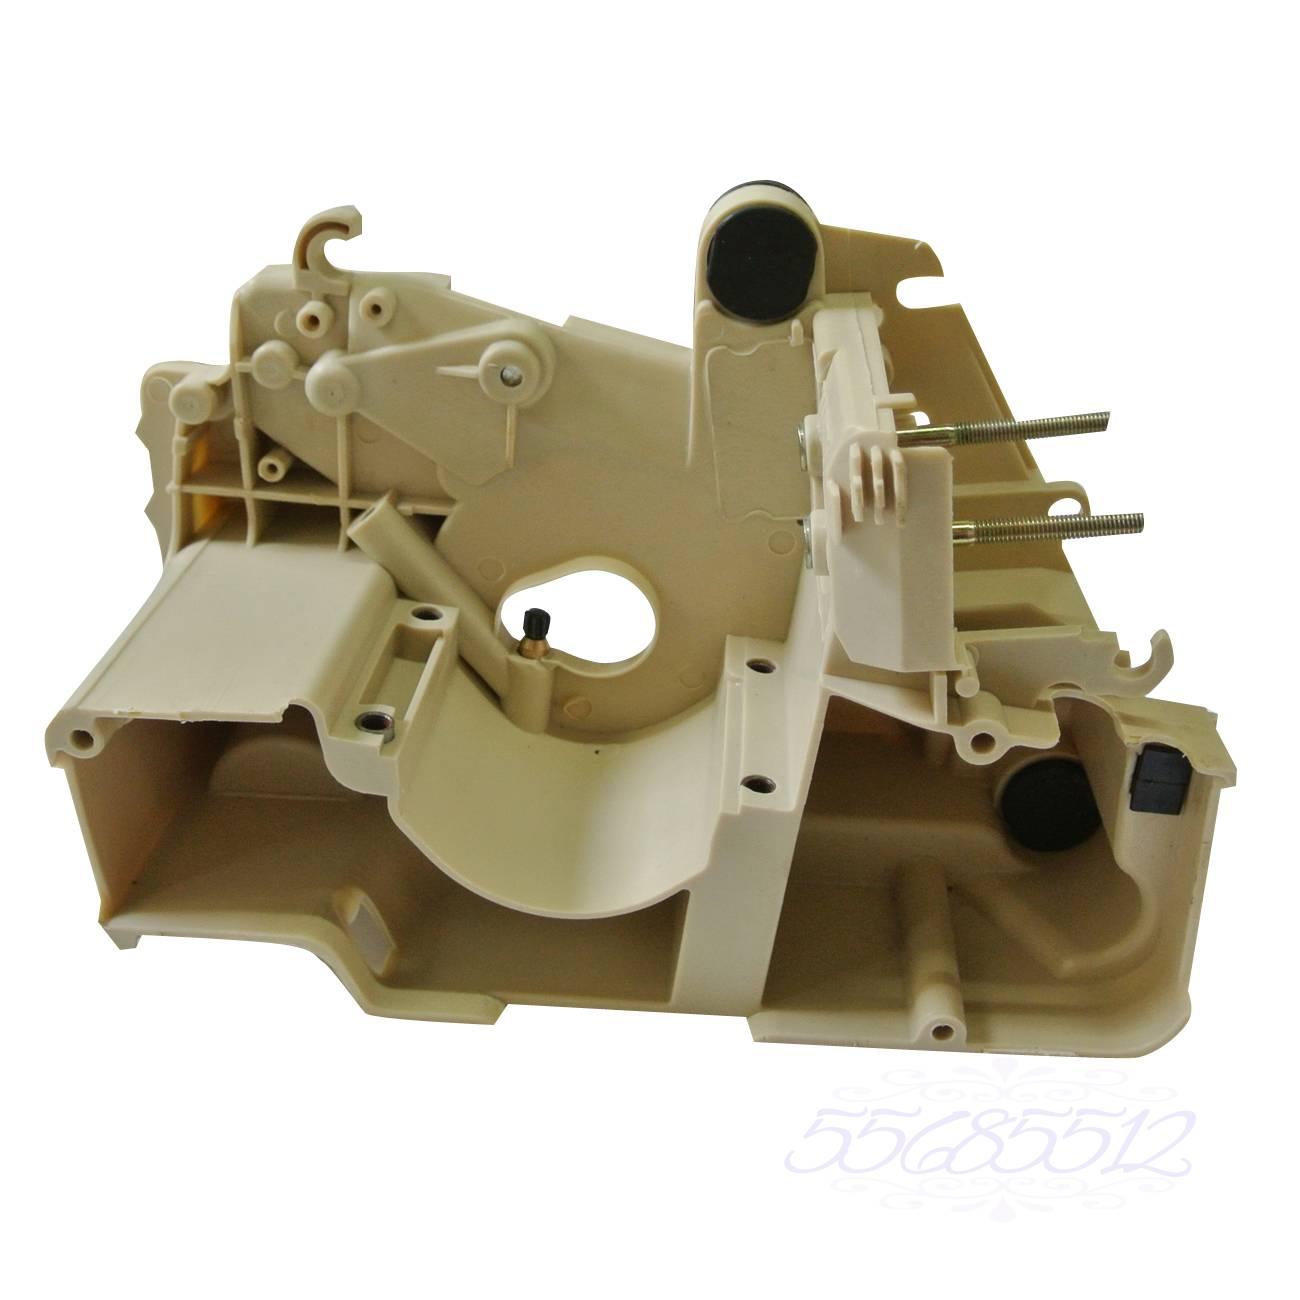 Carter moteur De Réservoir De Carburant Couvercle Du Boîtier Pour STIHL 017 018 MS170 MS180 Tronçonneuse